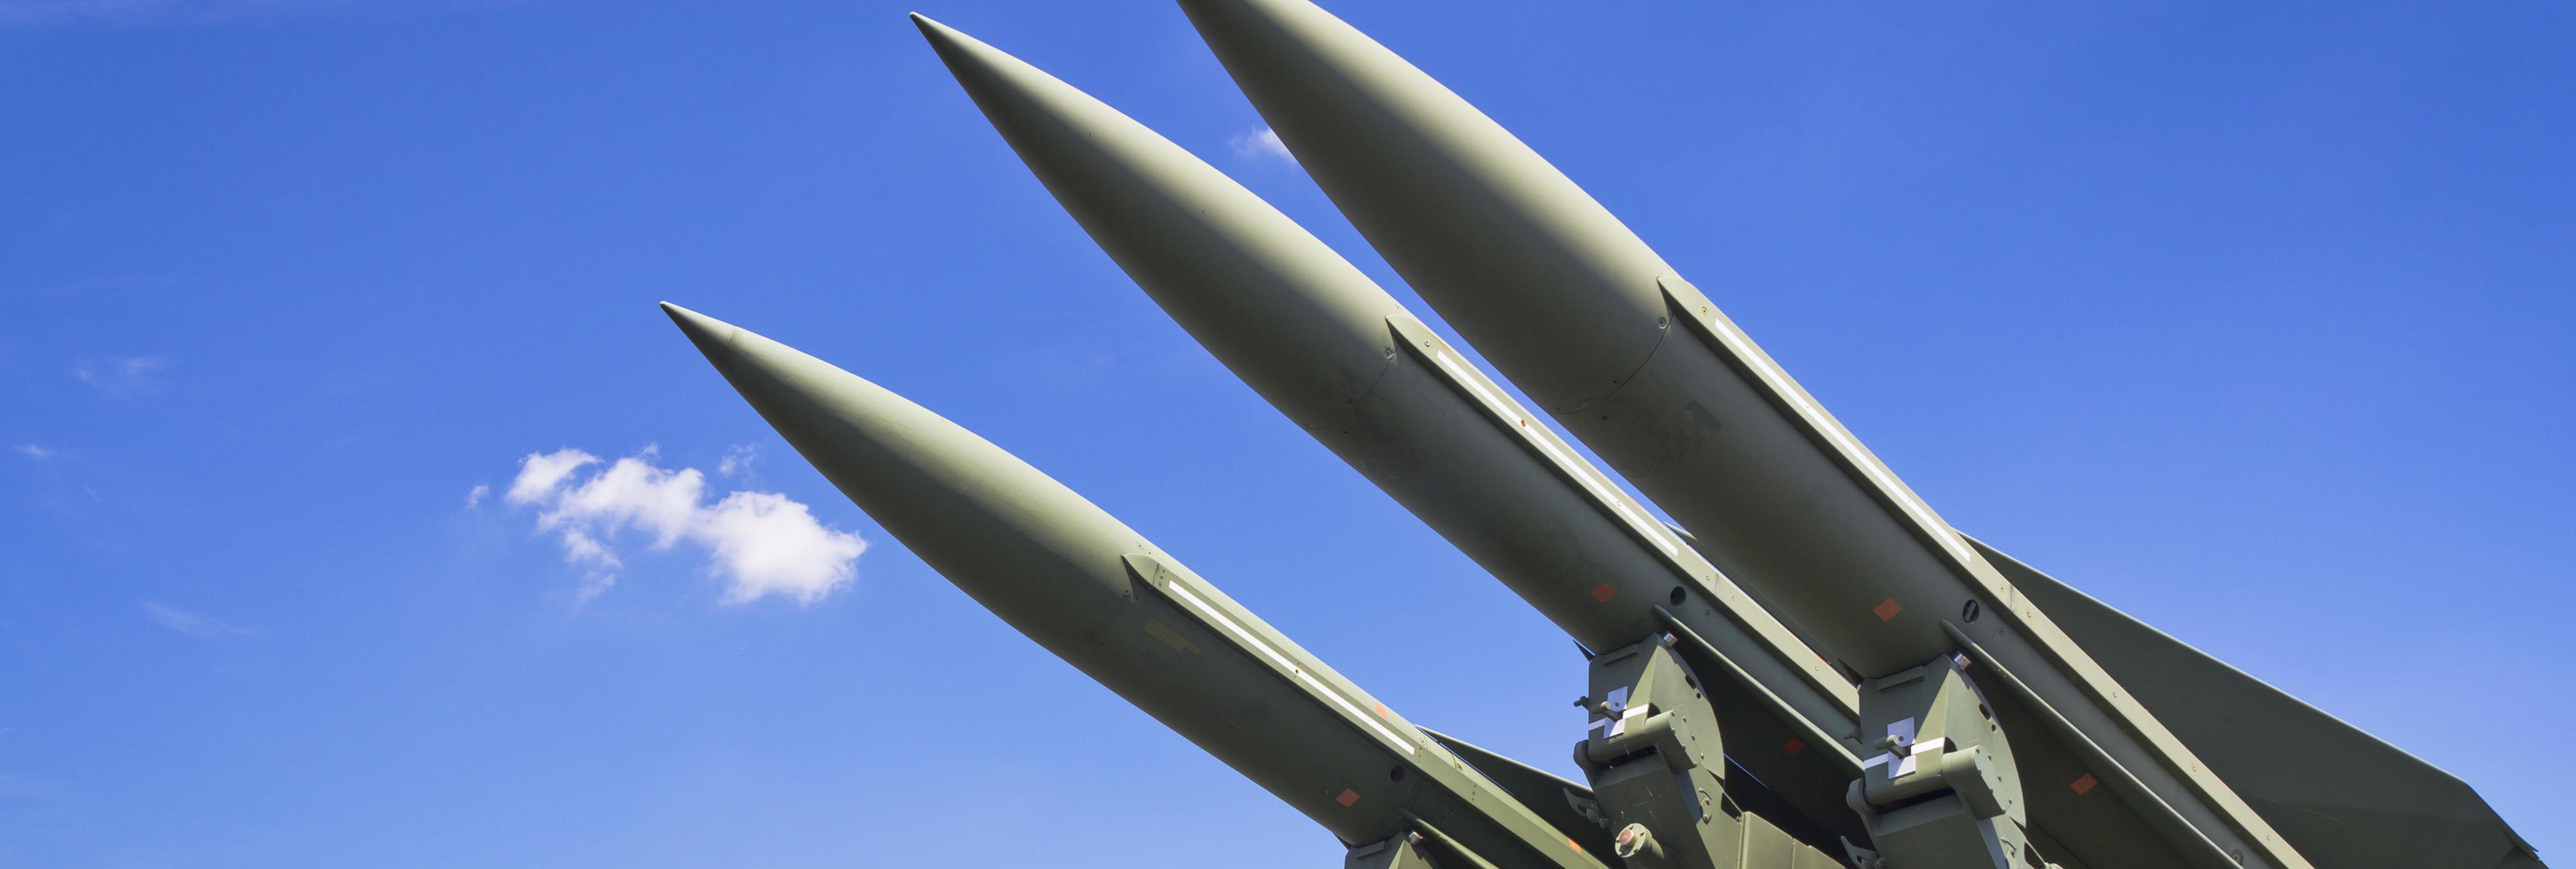 El sector armamentístico español, una industria que no para de crecer con las guerras de Oriente Medio